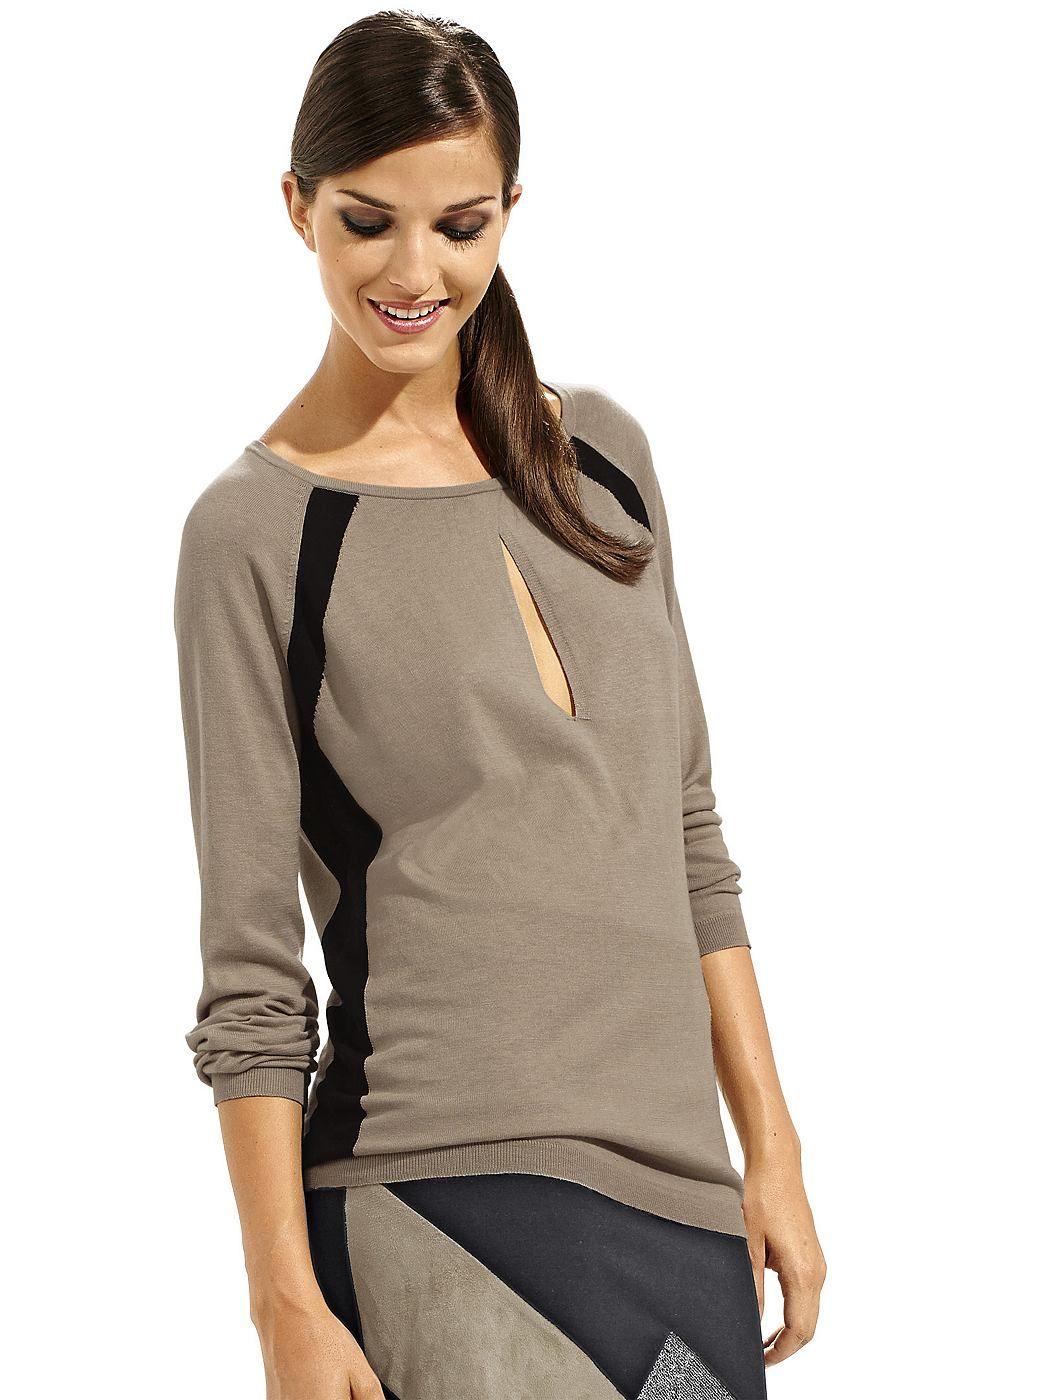 Pullover in traumhafter Materialzusammensetzung. Weite Form, Länge in Gr. 38 ca. 64 cm. 65% Baumwolle, 30% Seide, 5% Kaschmir, waschbar...